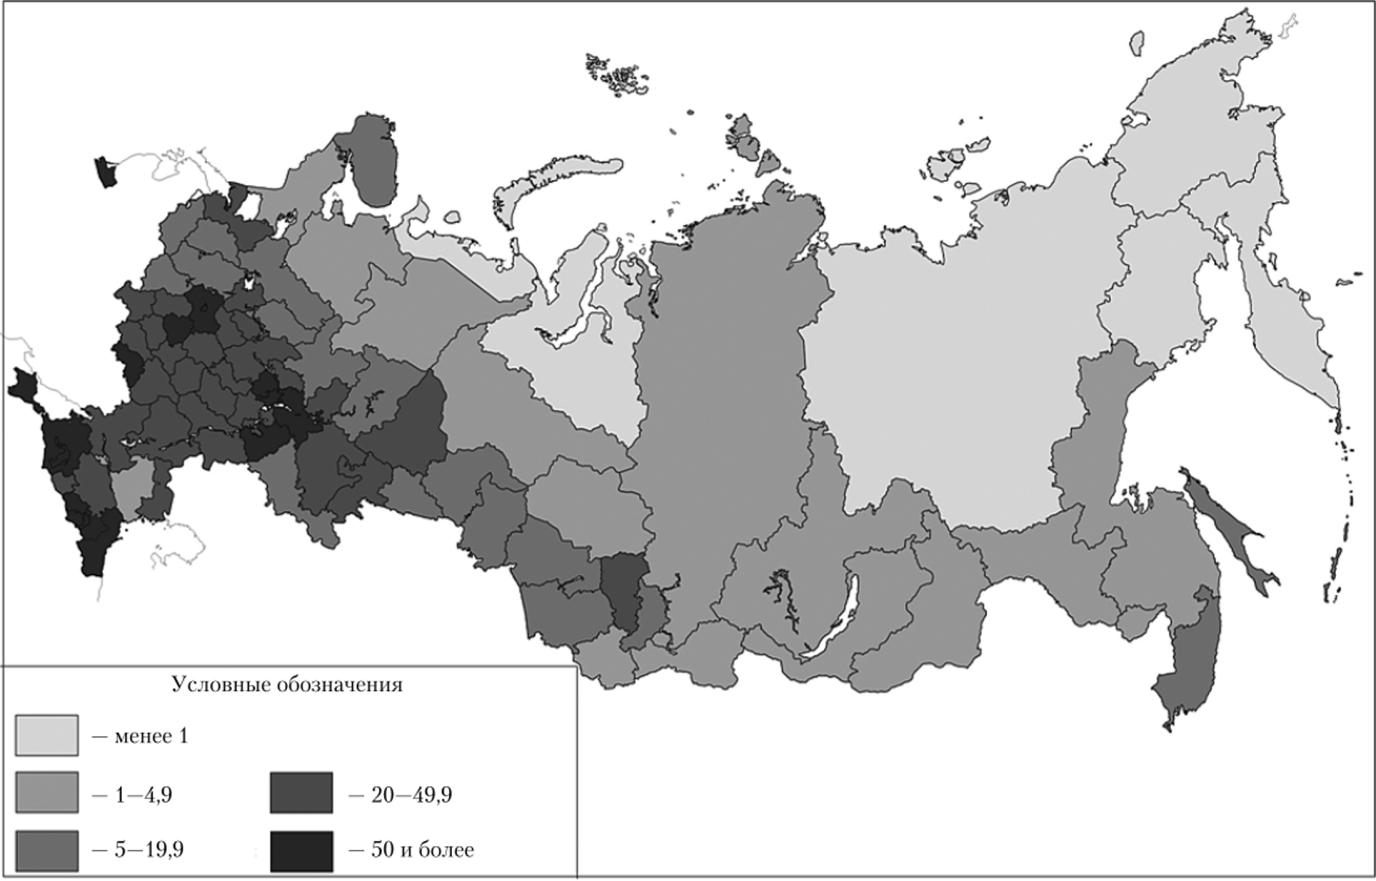 конце договора плотность населения россии картинки молния схематически изобразит